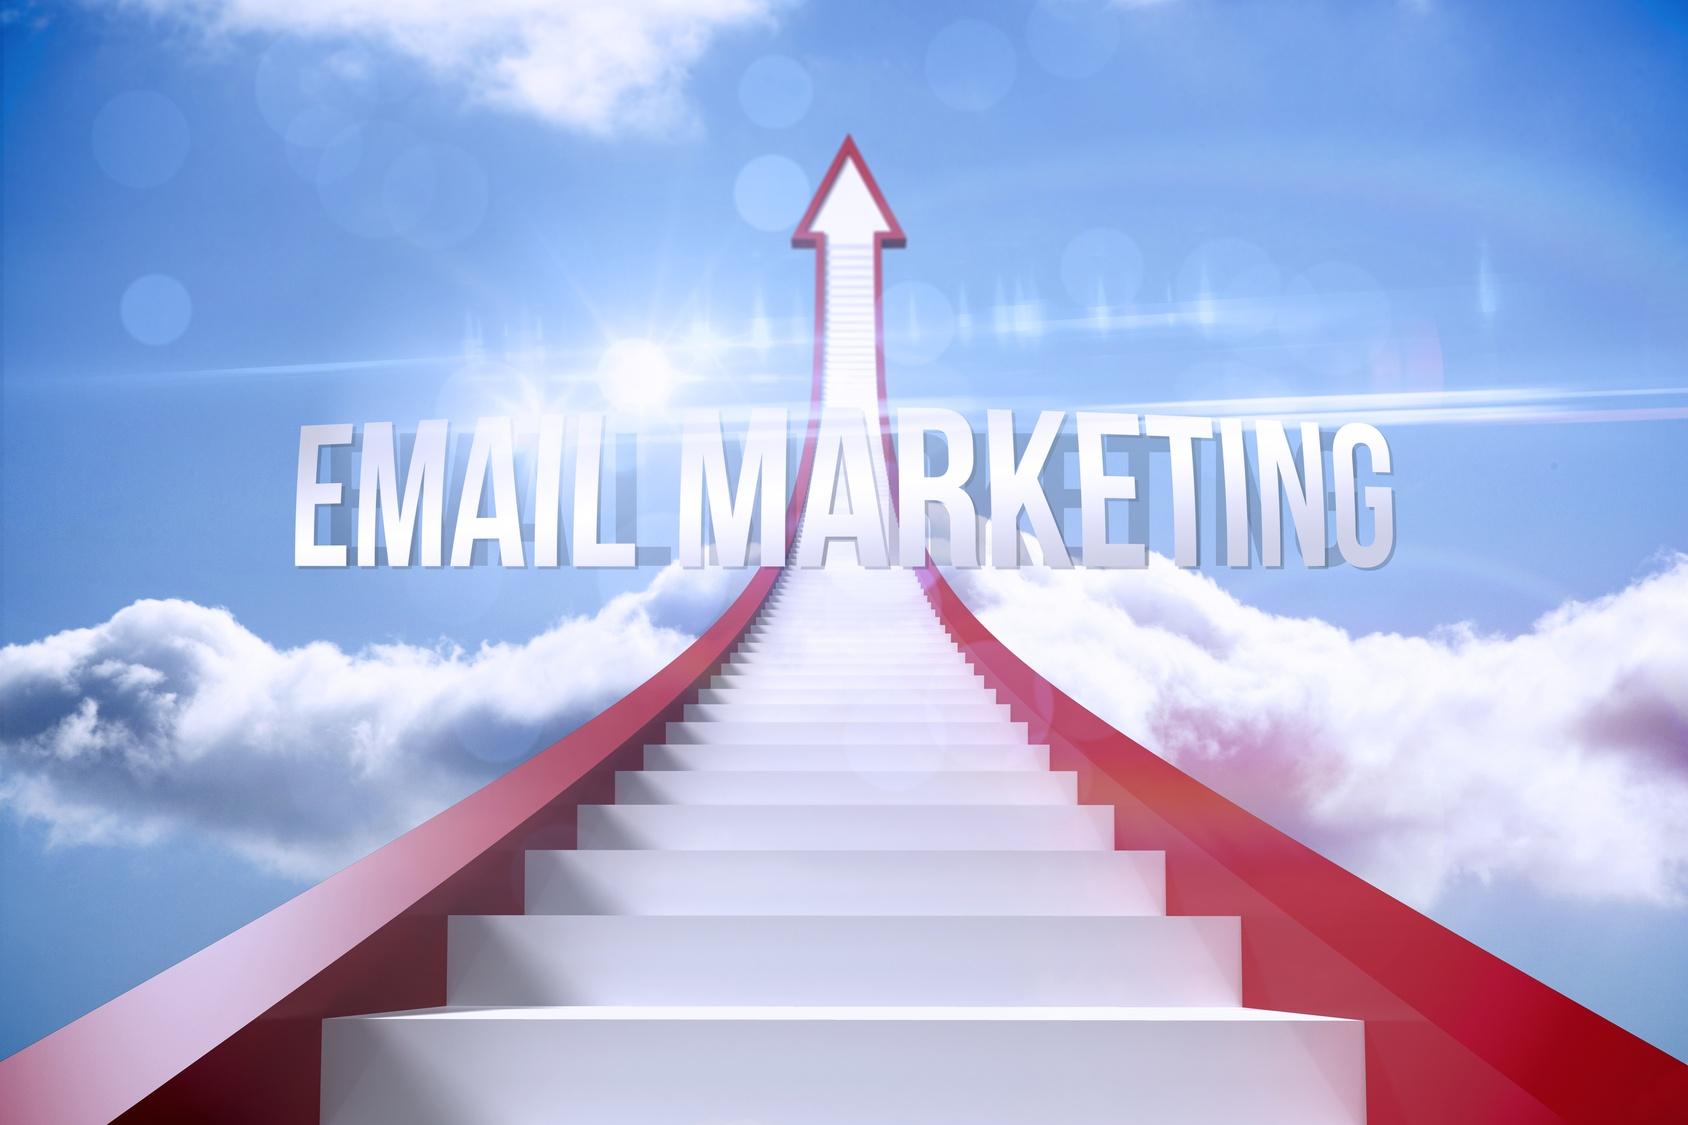 Z email marketingom do večje prodaje